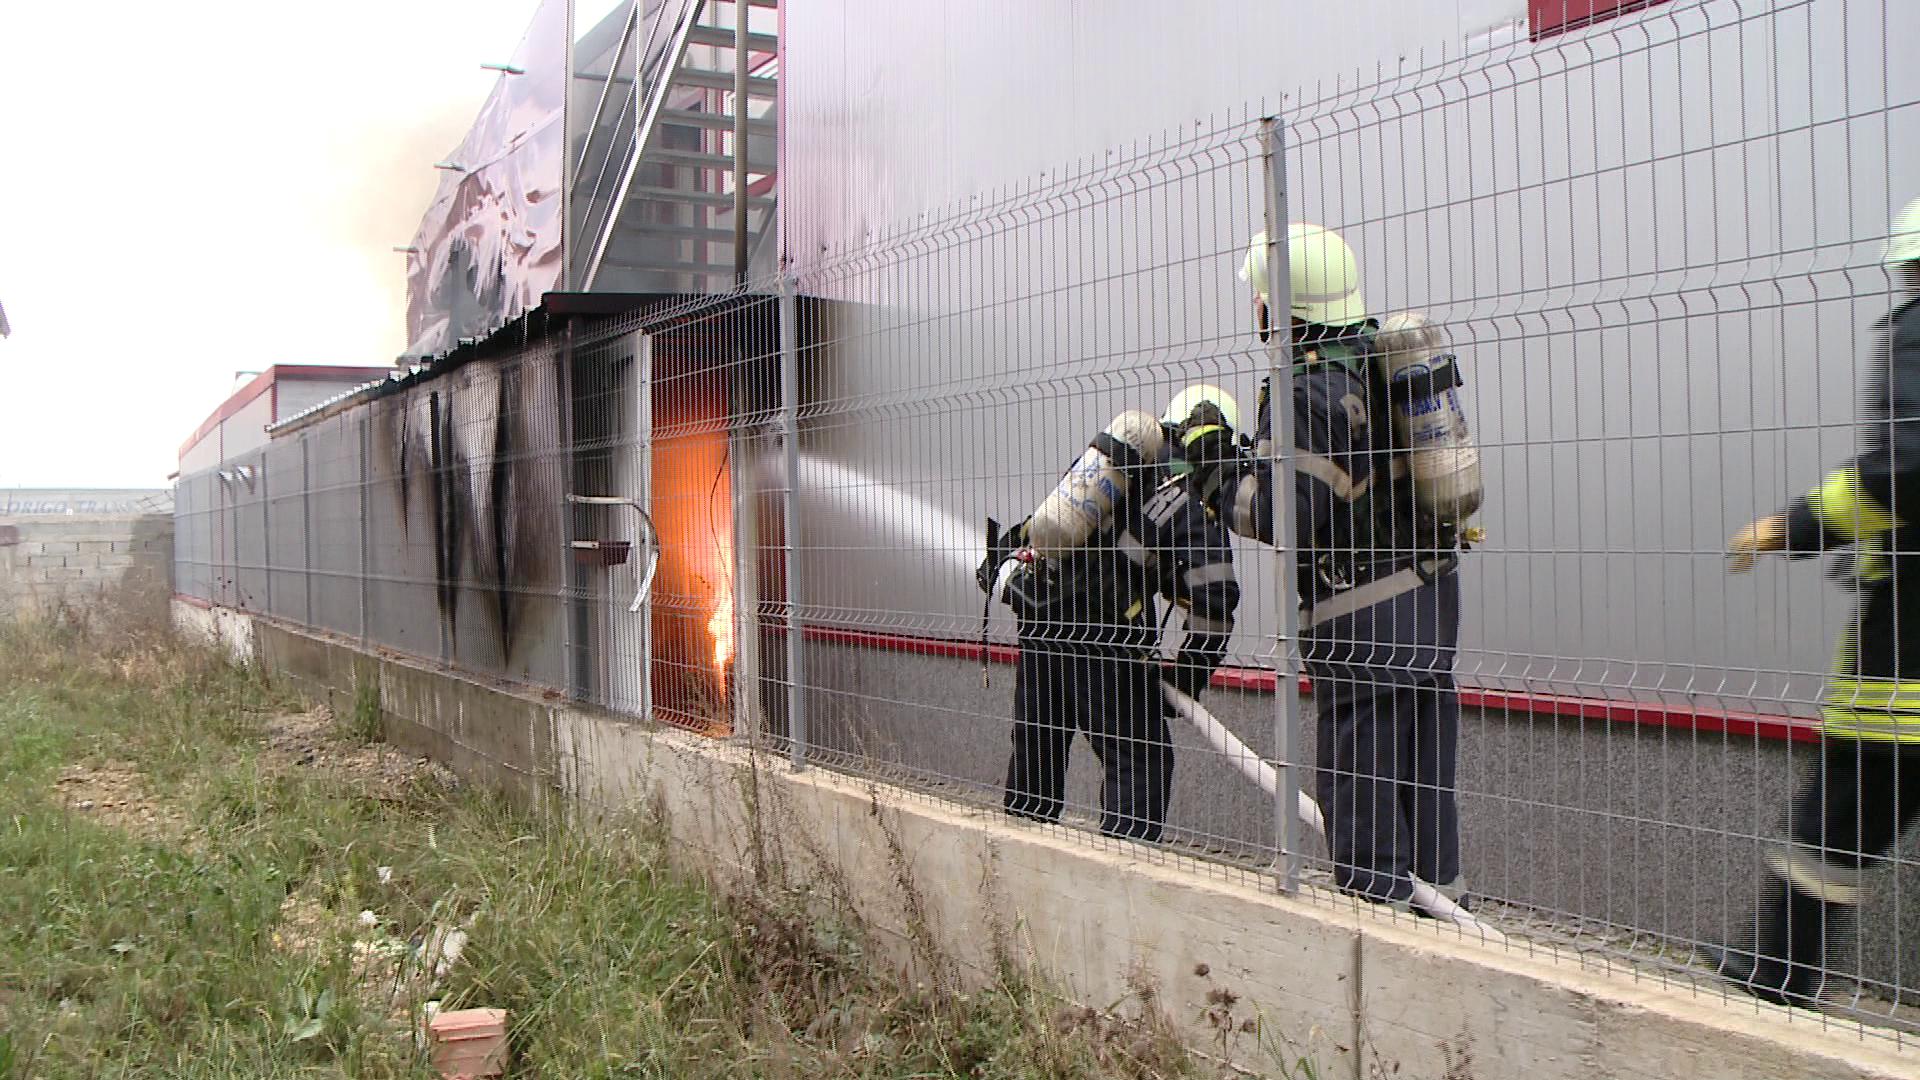 Incendiu la un service auto. Trei angajati s-au intoxicat cu fum, iar unul a facut atac de panica